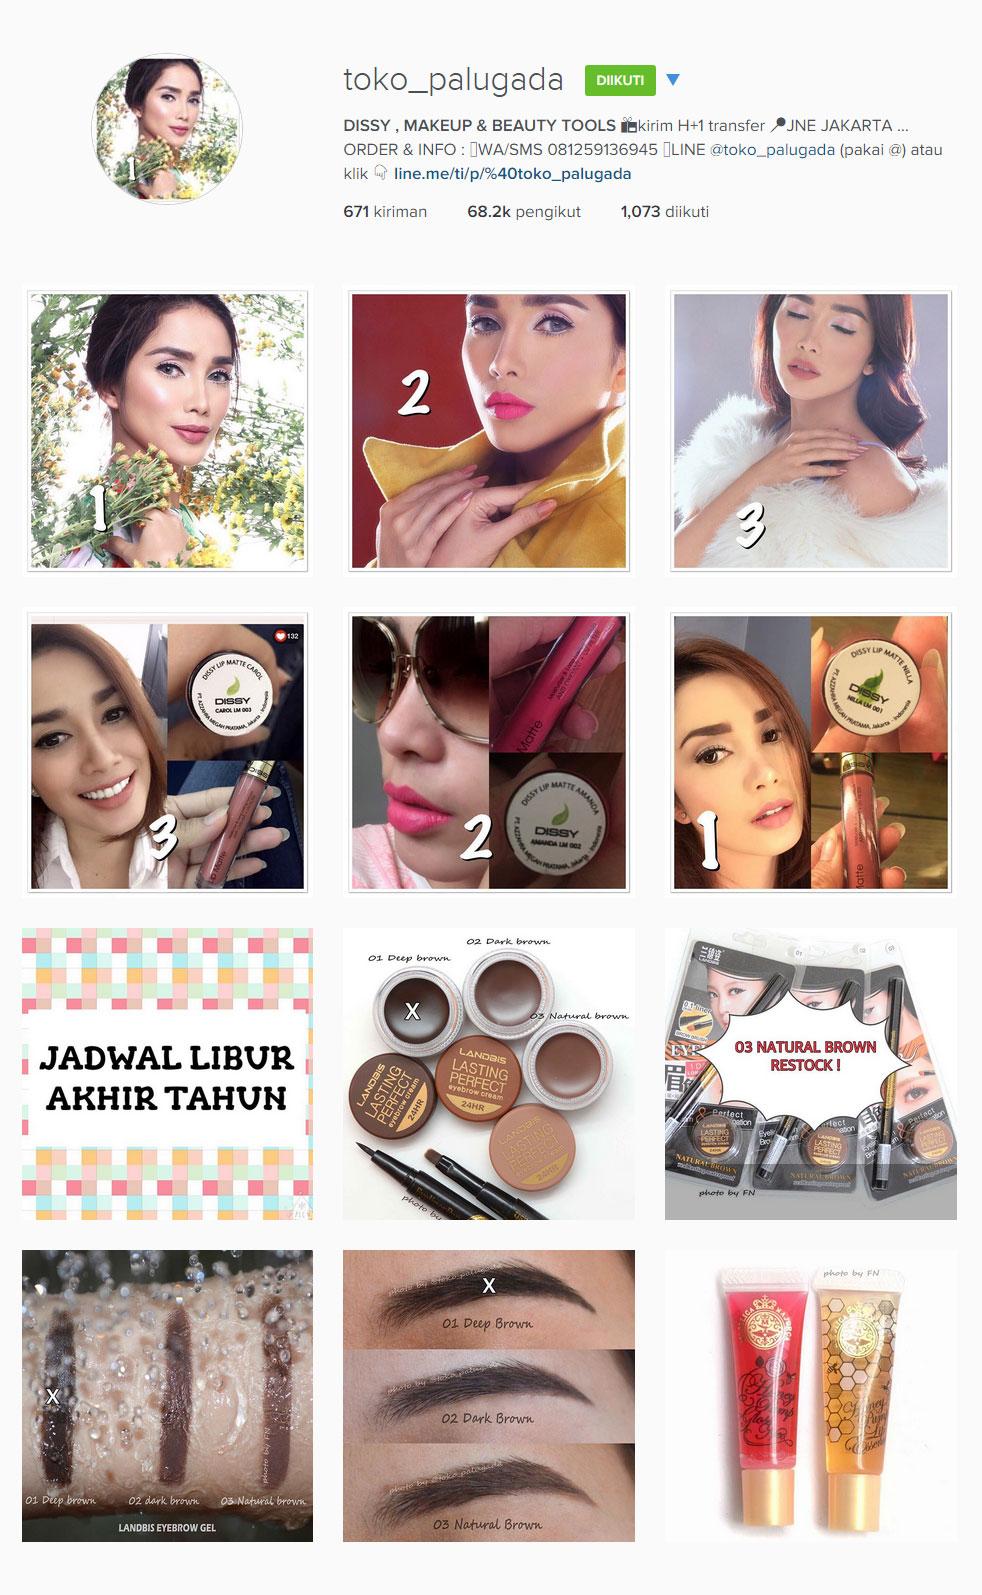 toko palugada makeup onlineshop